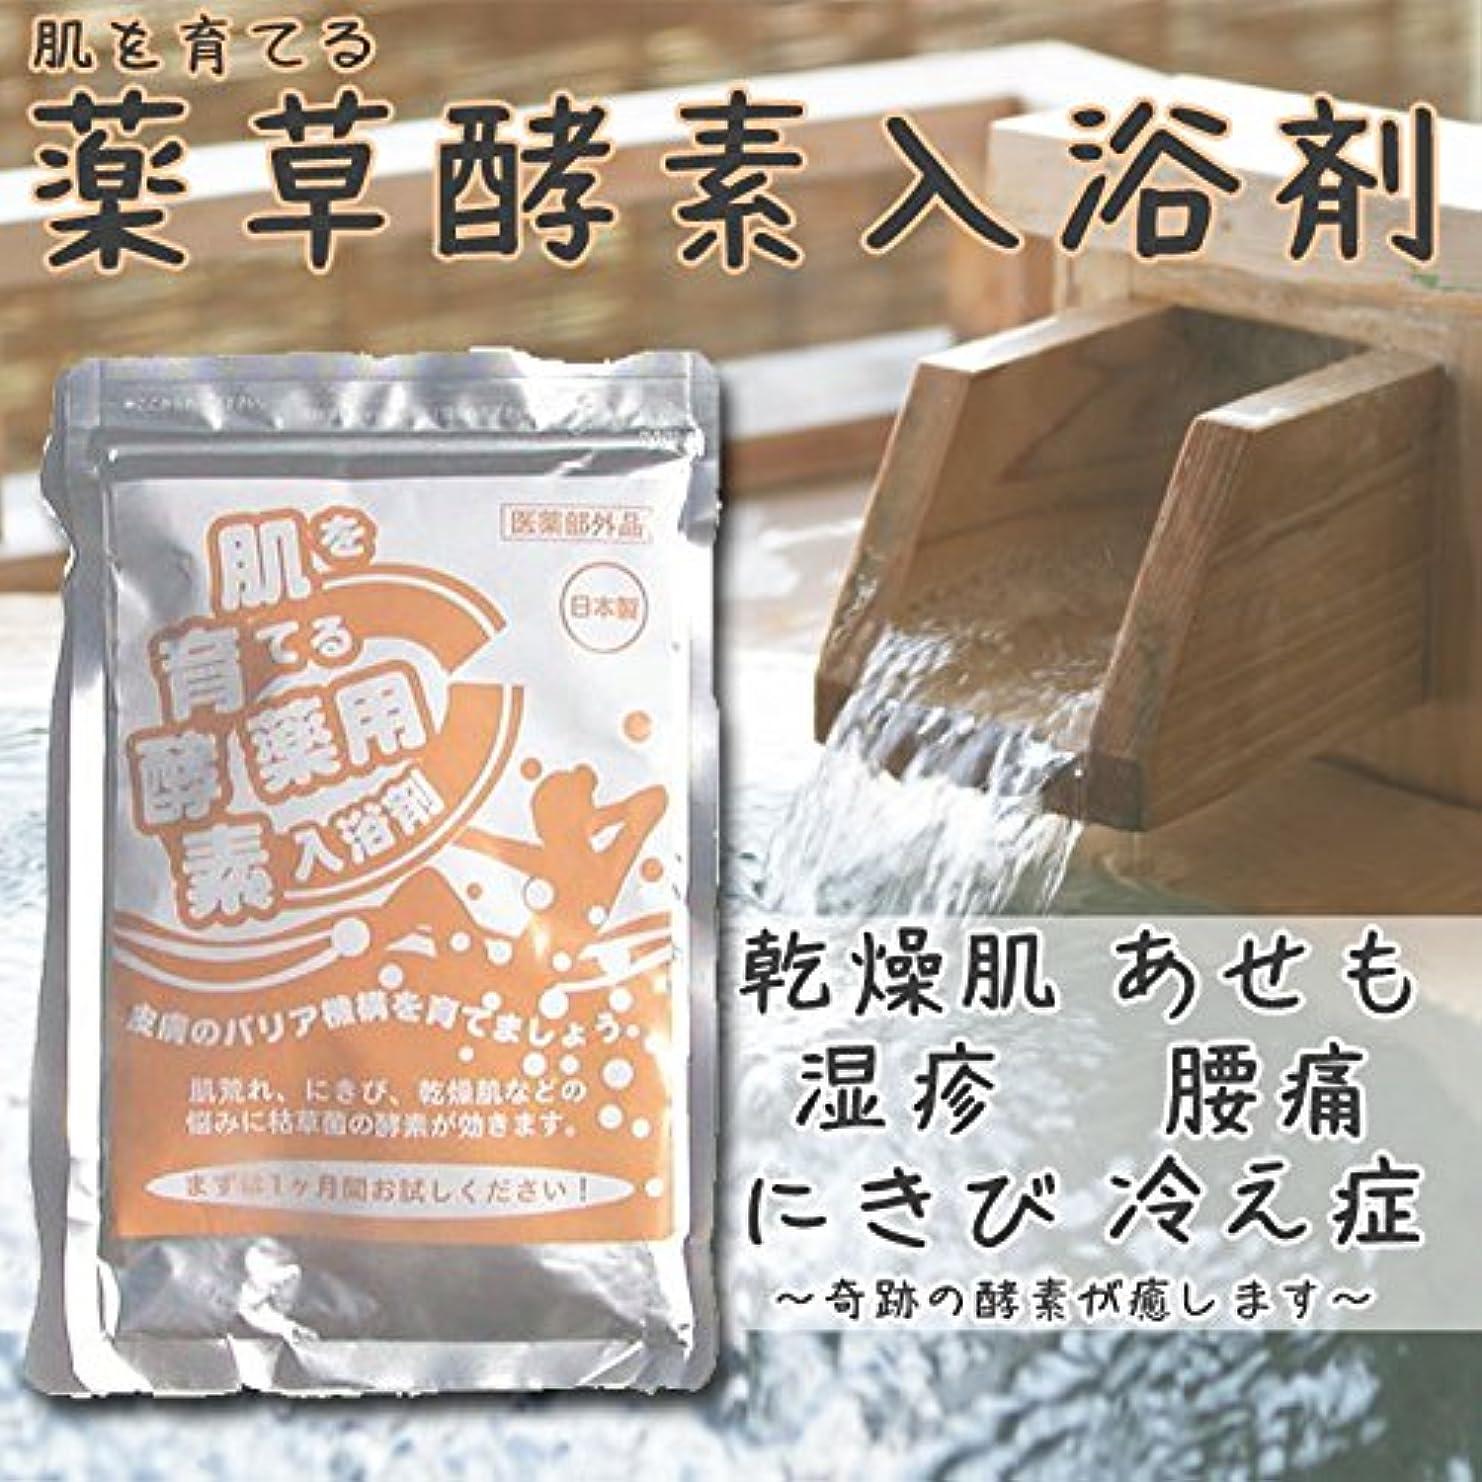 ベット埋め込む雪ハーティハート 薬用酵素入浴剤 洗顔料 粉末 300g